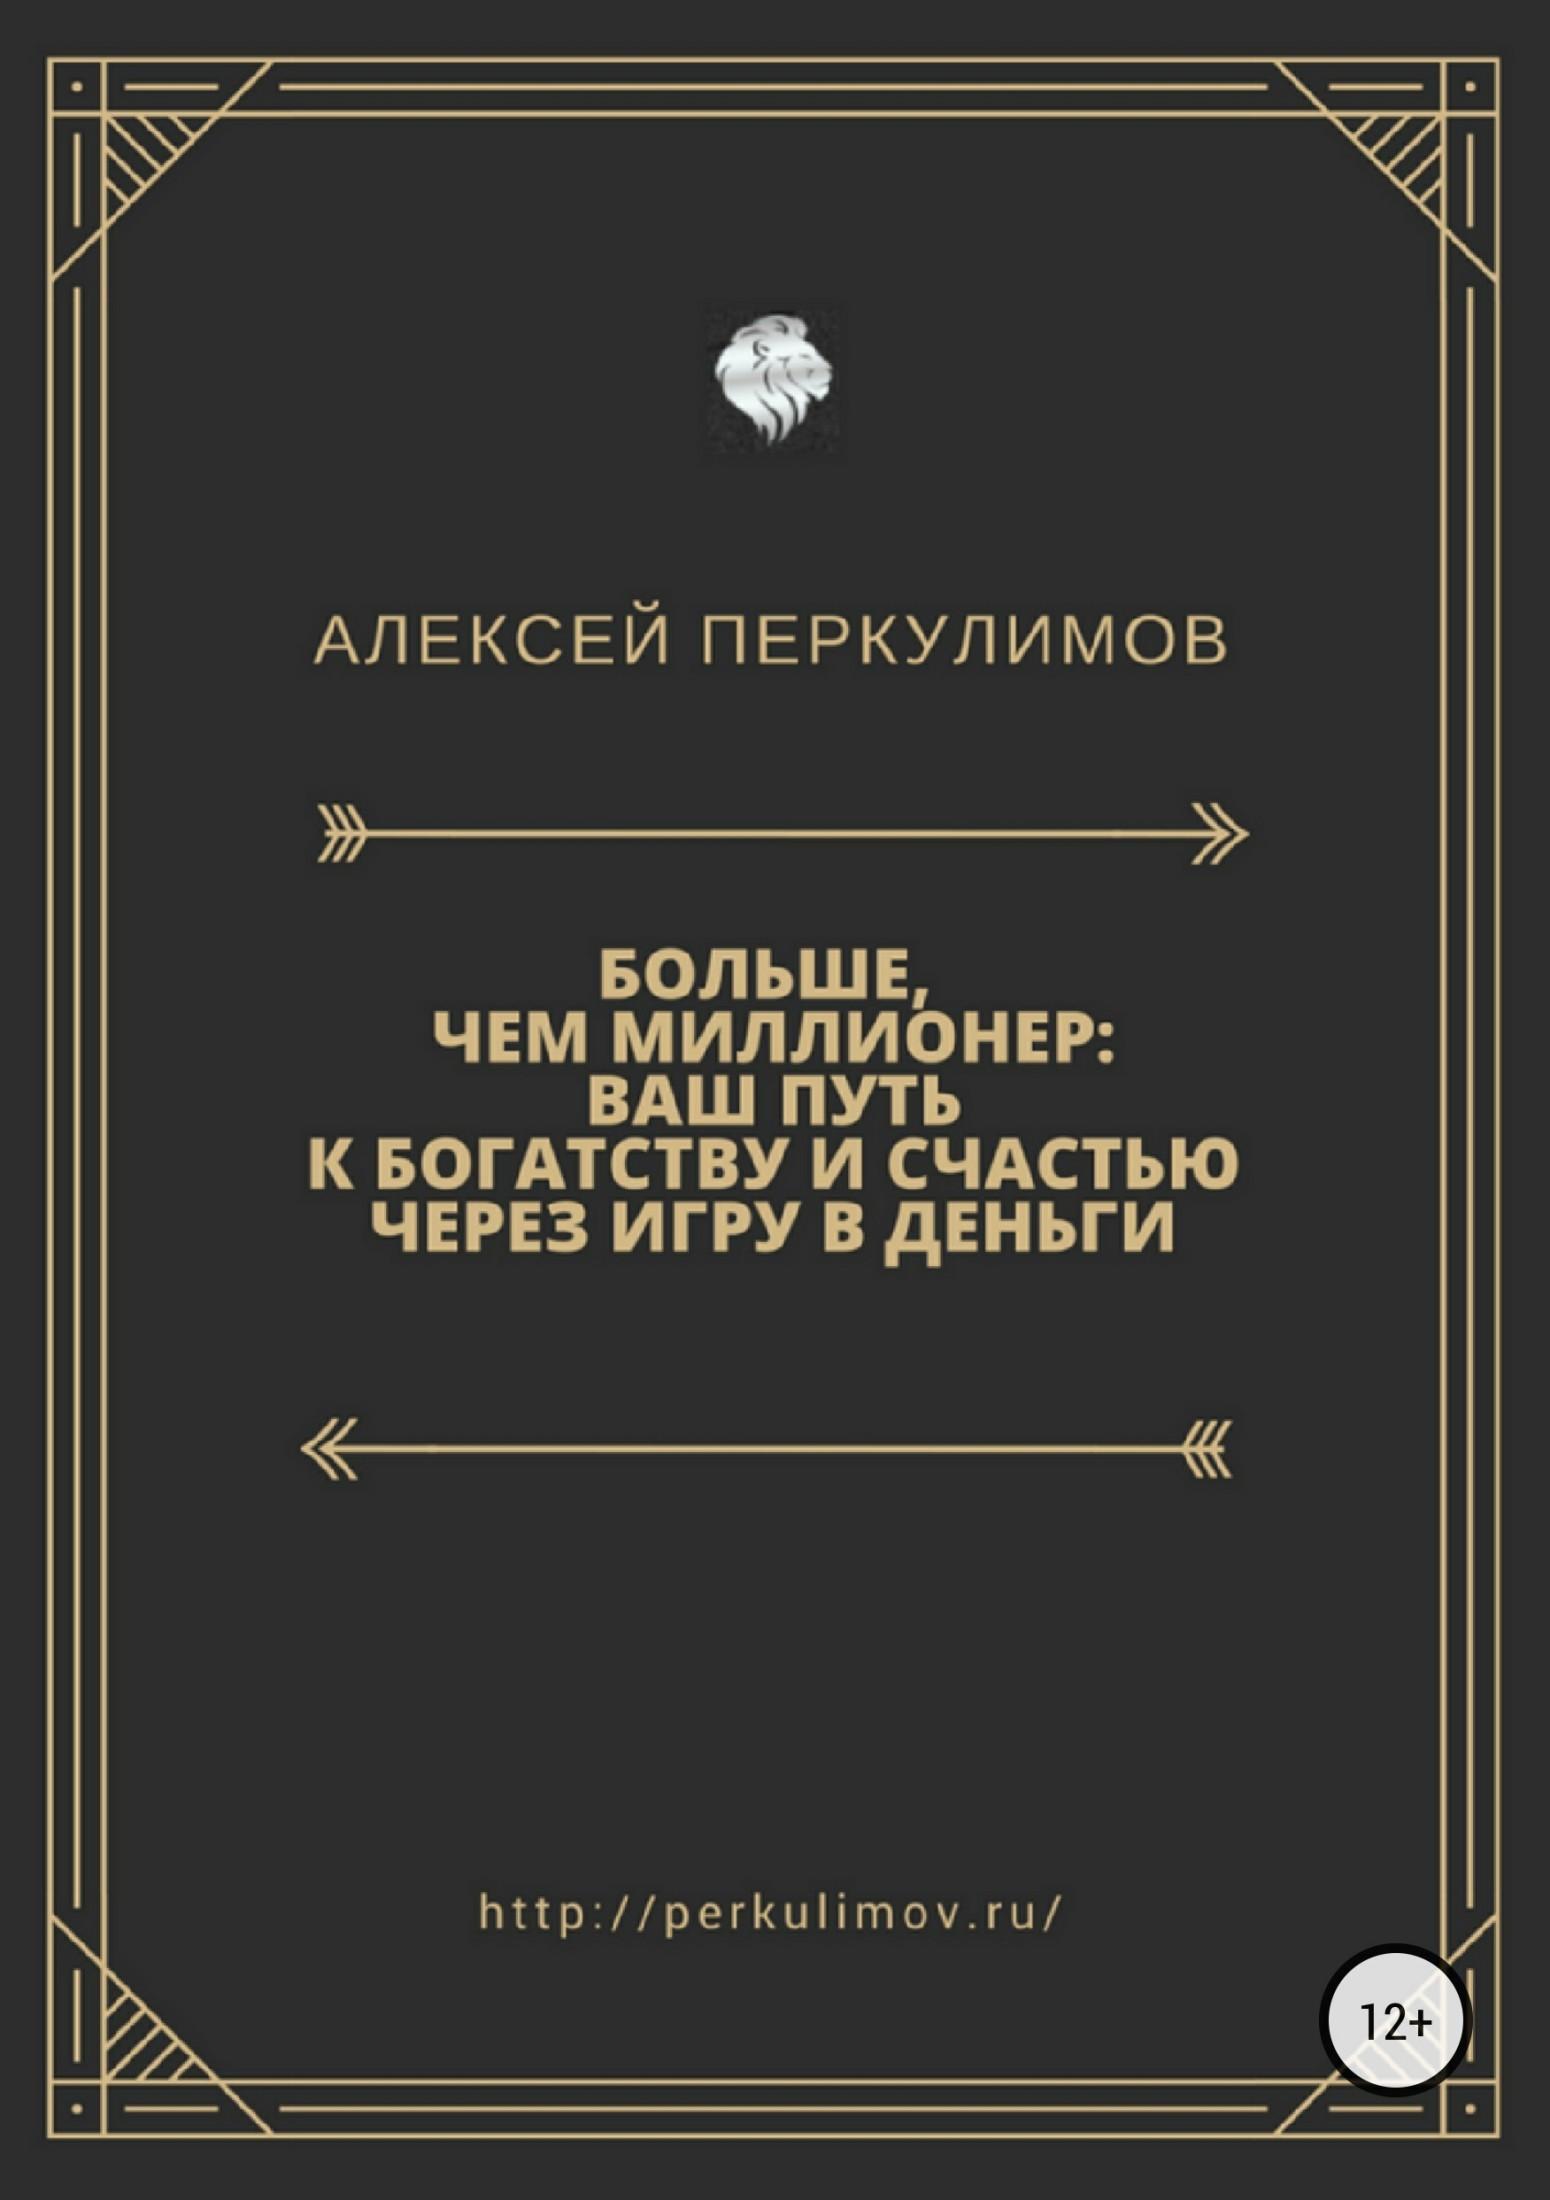 Обложка книги. Автор - Алексей Перкулимов